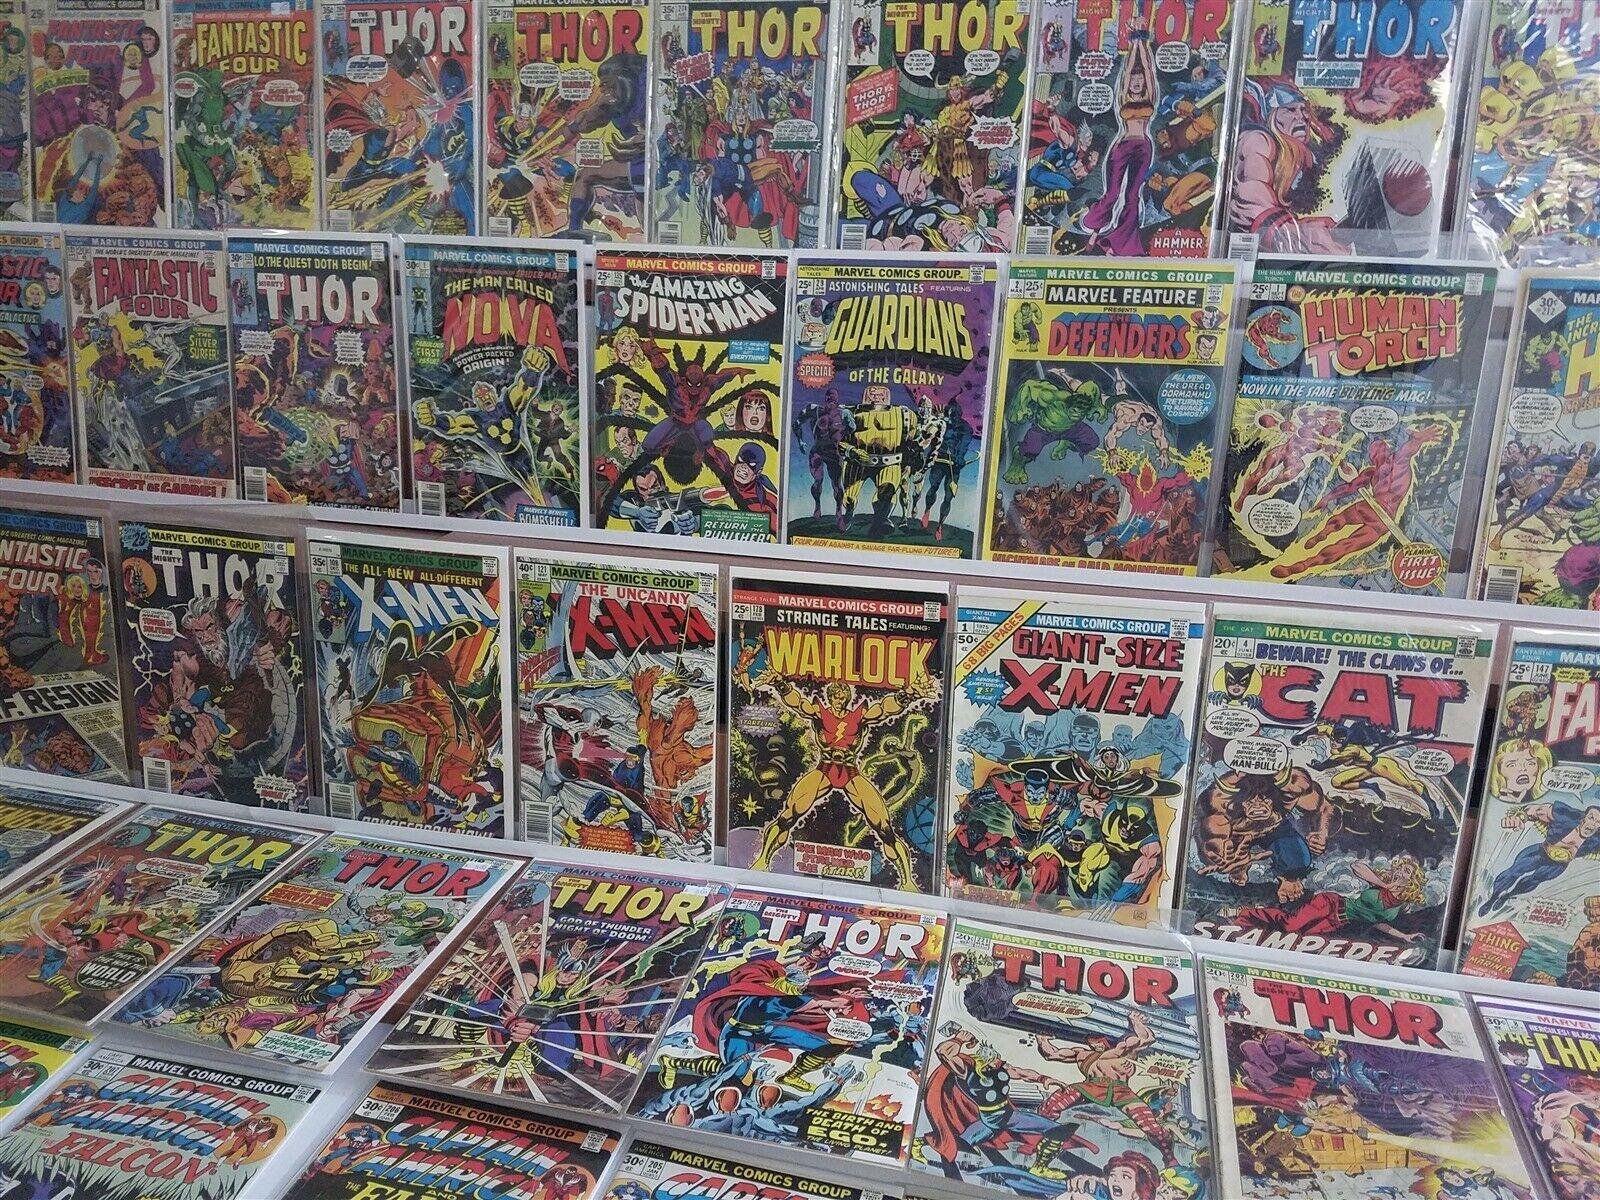 Marvel Bronze 250+ Lot Giant-Size X-Men #1 Wolverine Strange Tales 178 Warlock